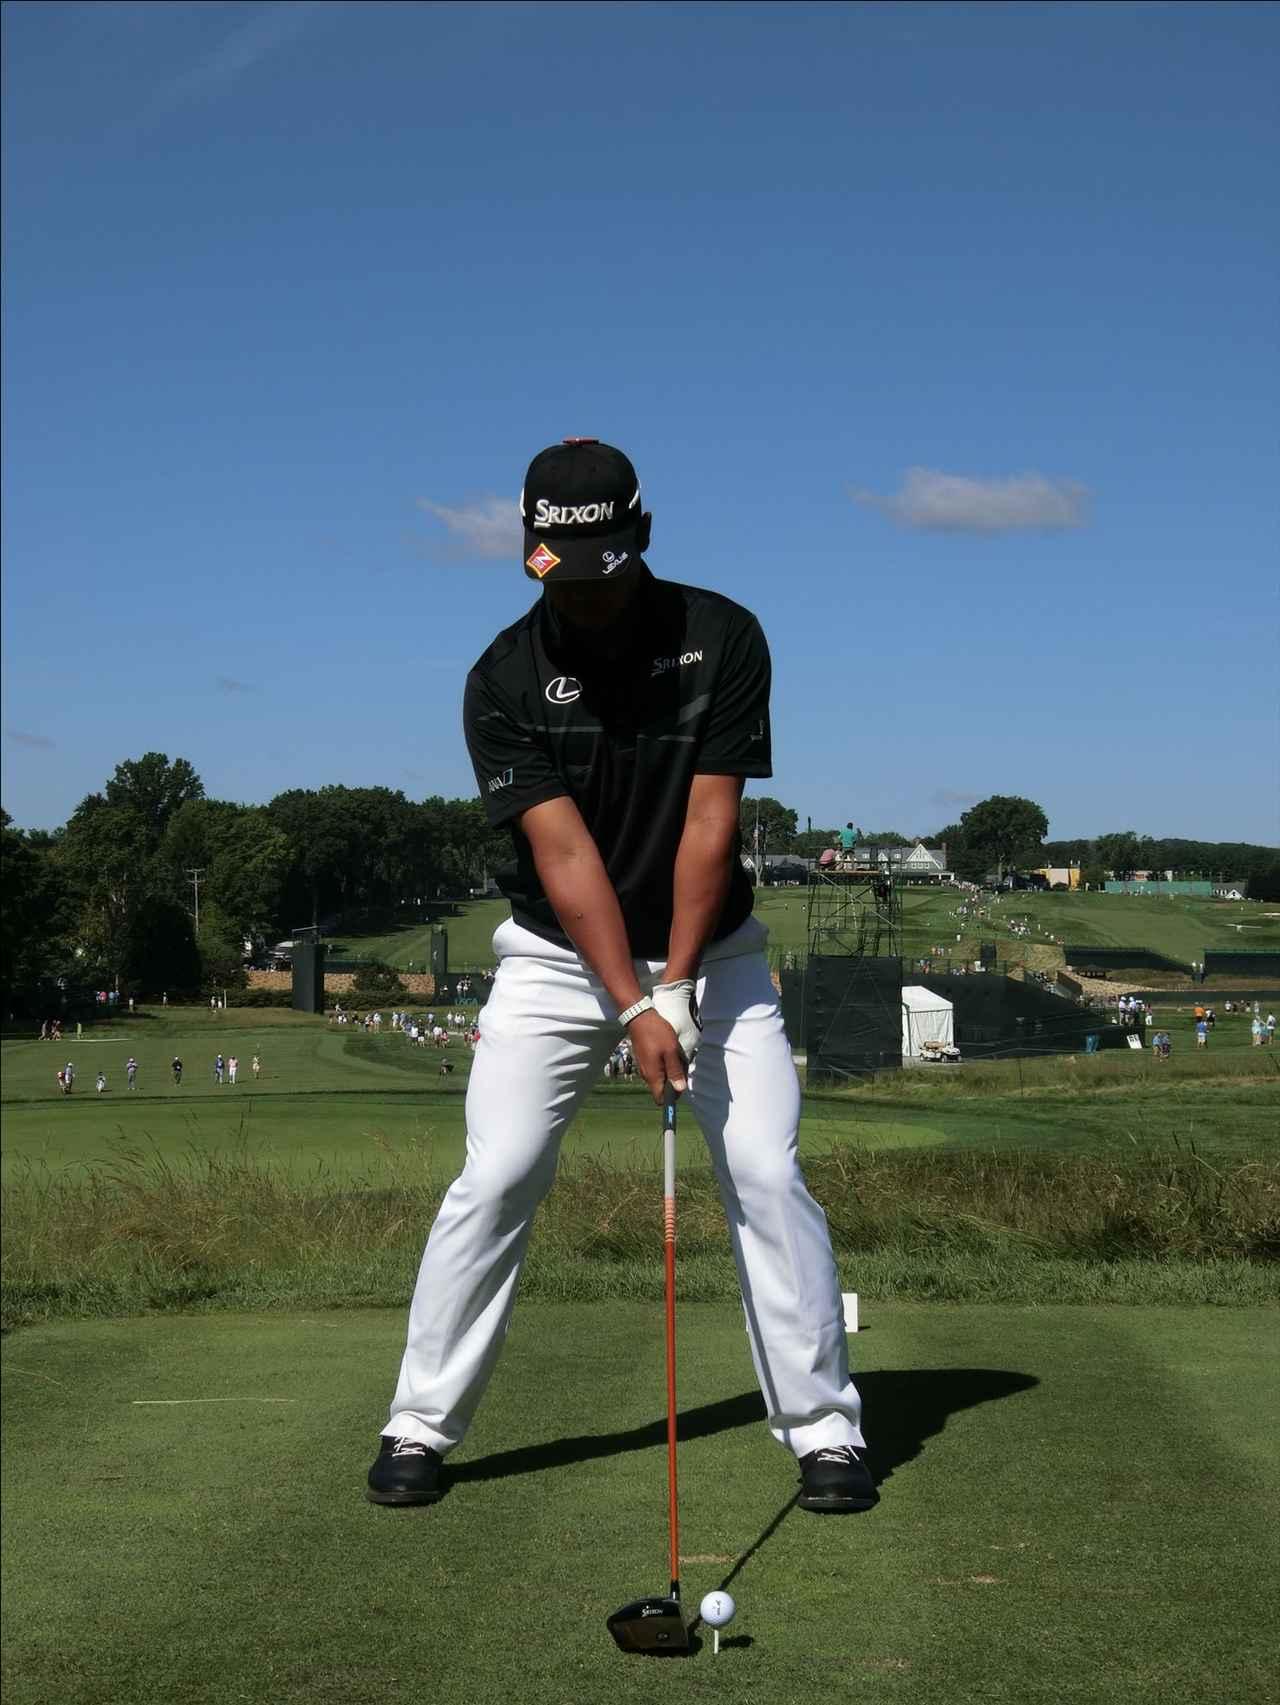 画像1: PGAの主役を小平智がスウィング解説「松山英樹のトップがイチ押し」